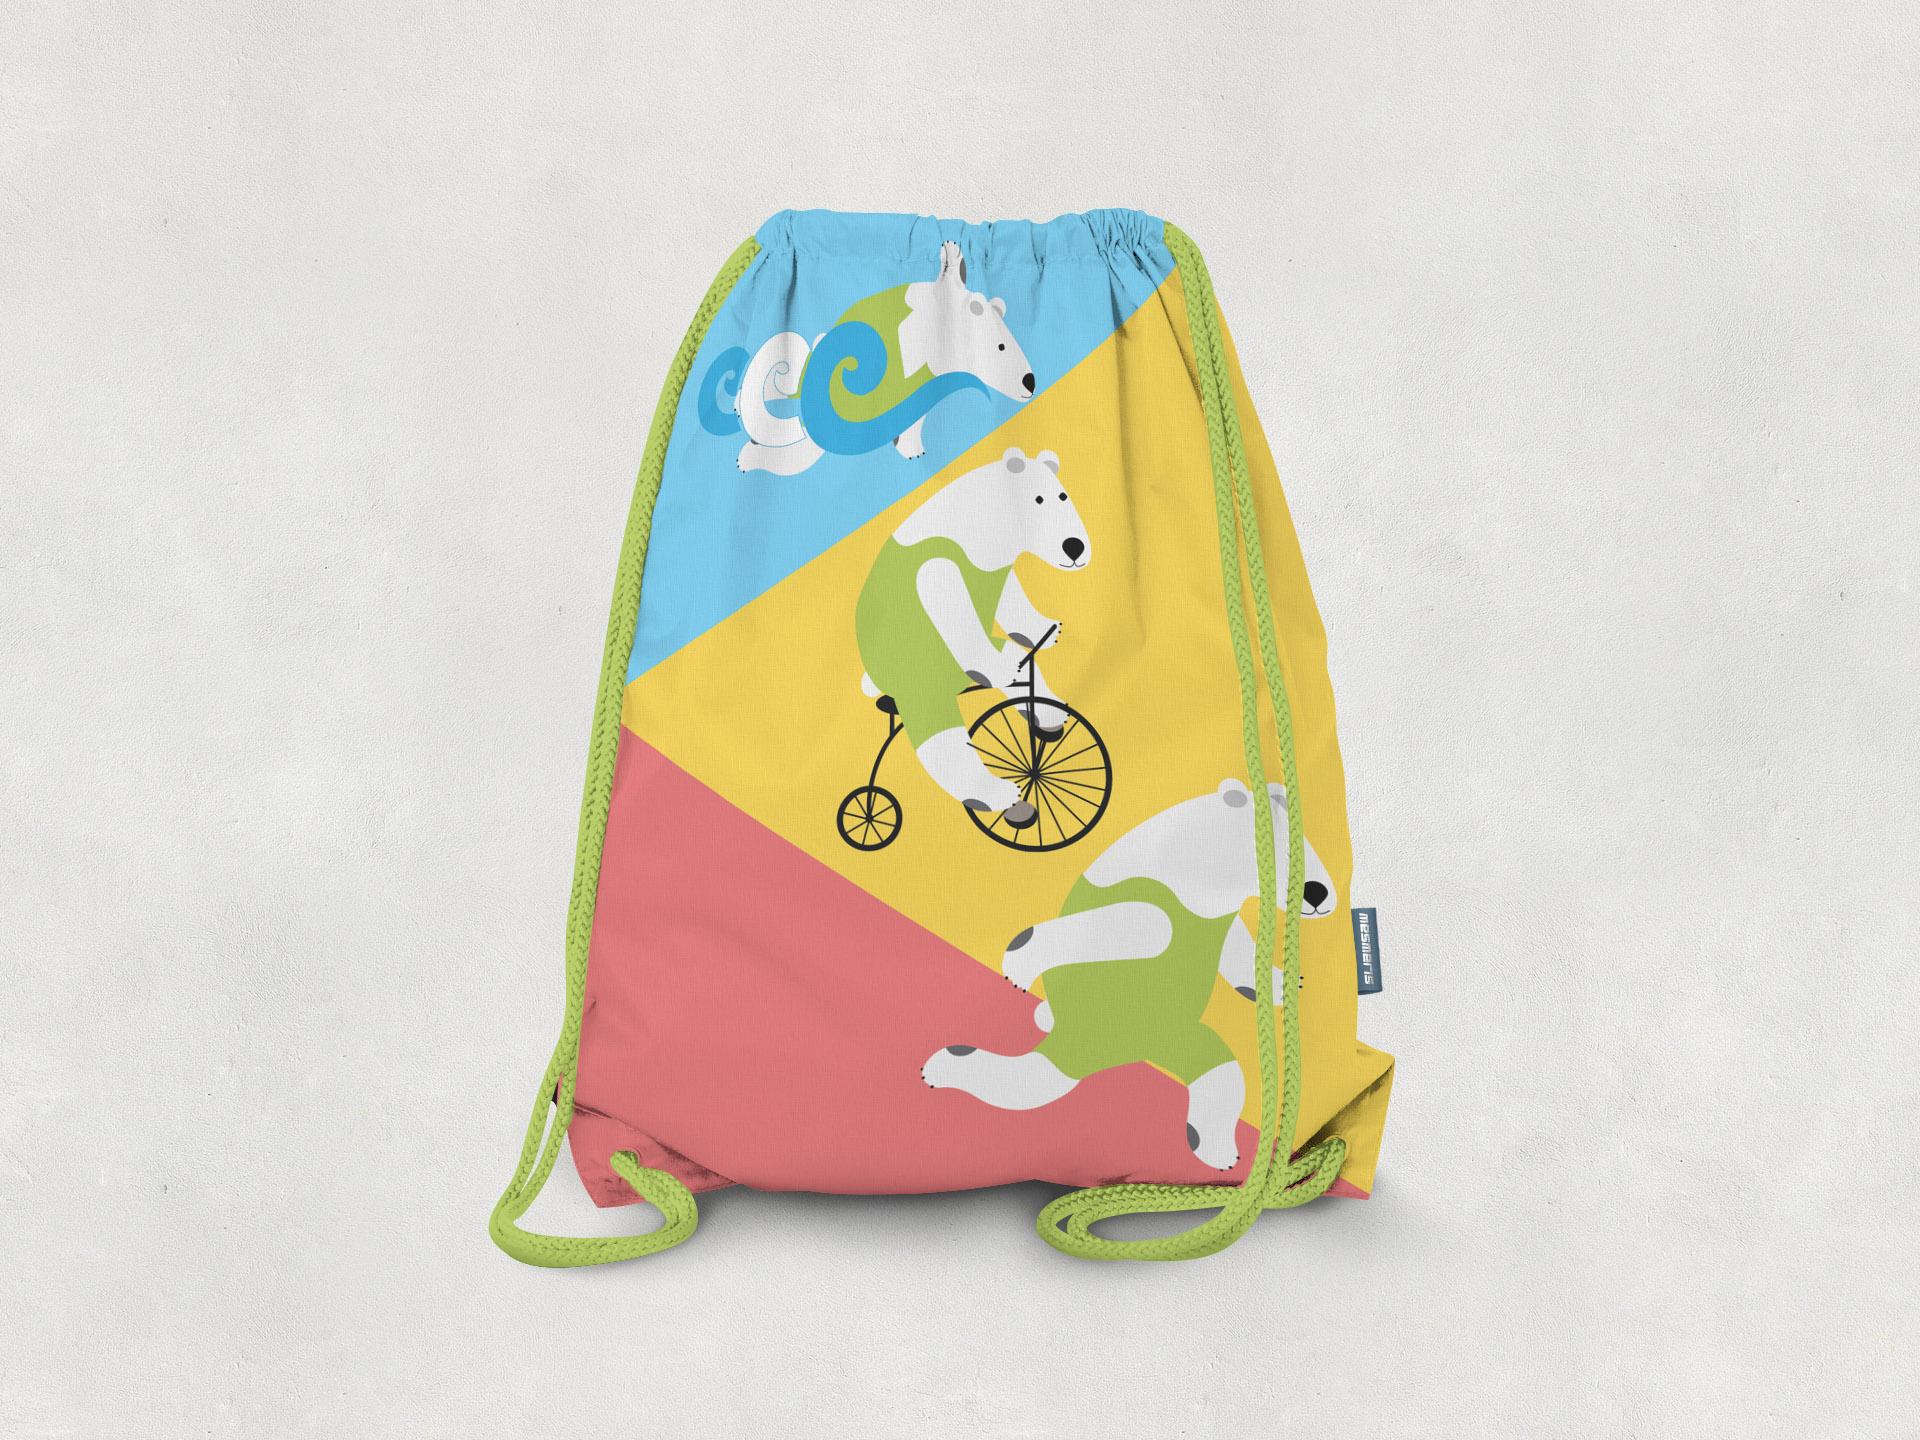 Goodie Bag Pages6 Mockup.jpg